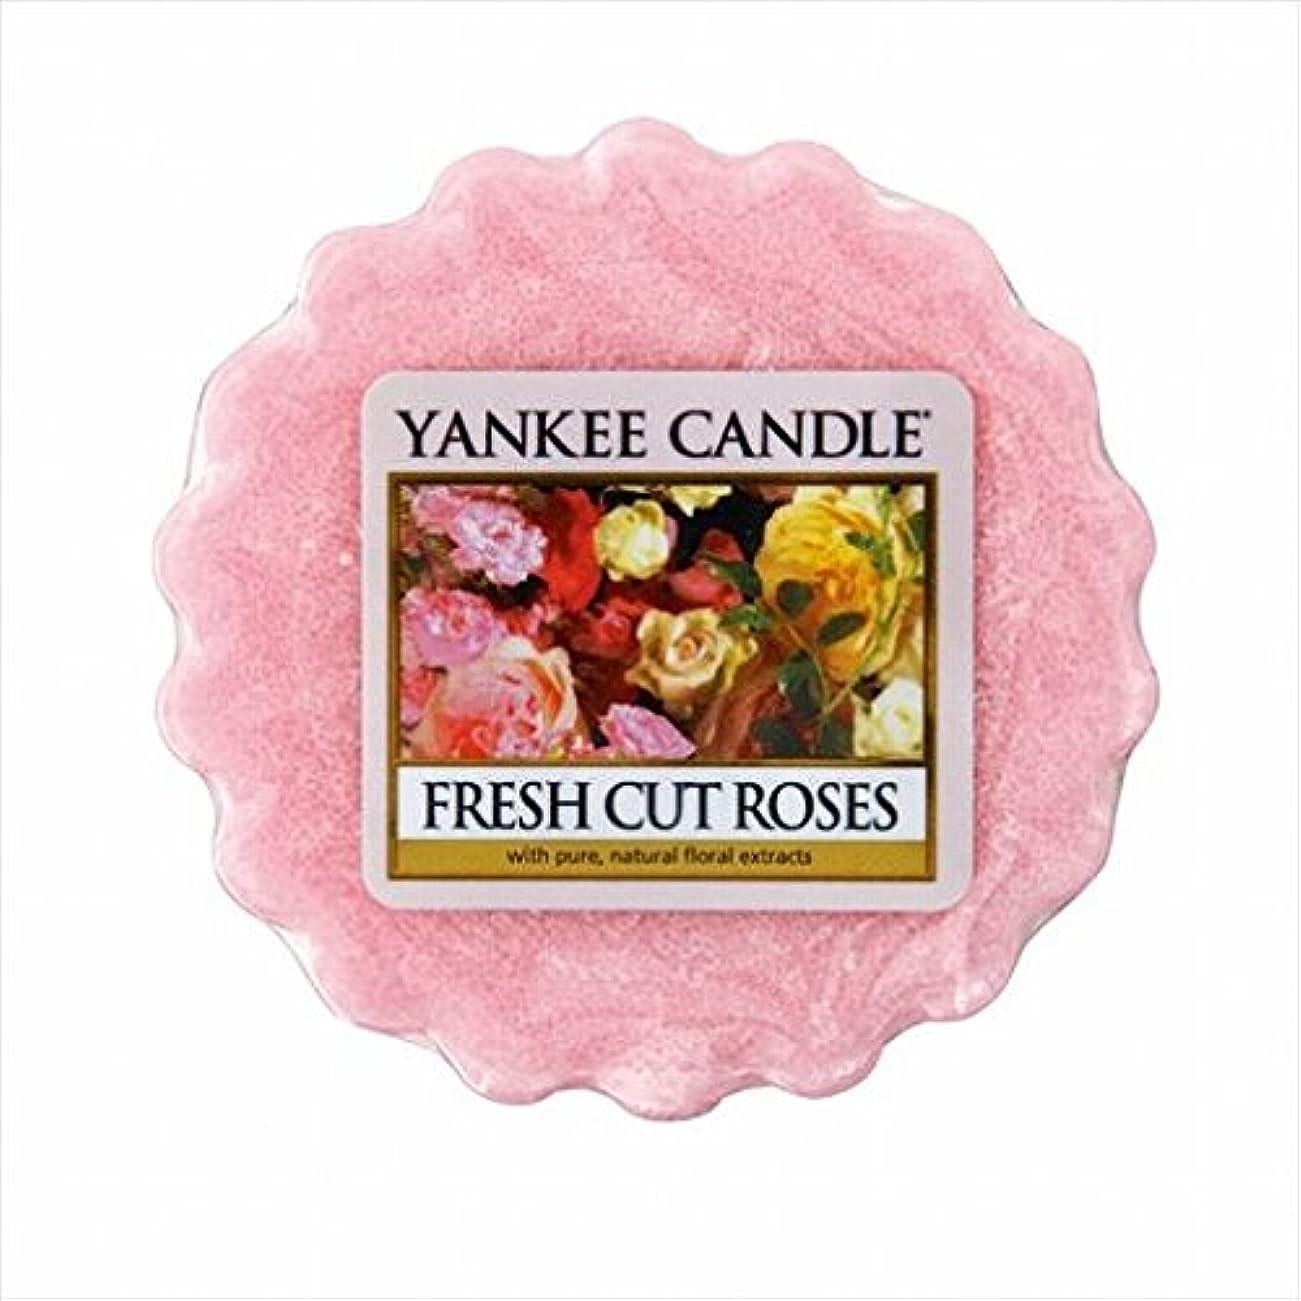 政治家の完全に乾くデュアルカメヤマキャンドル( kameyama candle ) YANKEE CANDLE タルト ワックスポプリ 「 フレッシュカットローズ 」